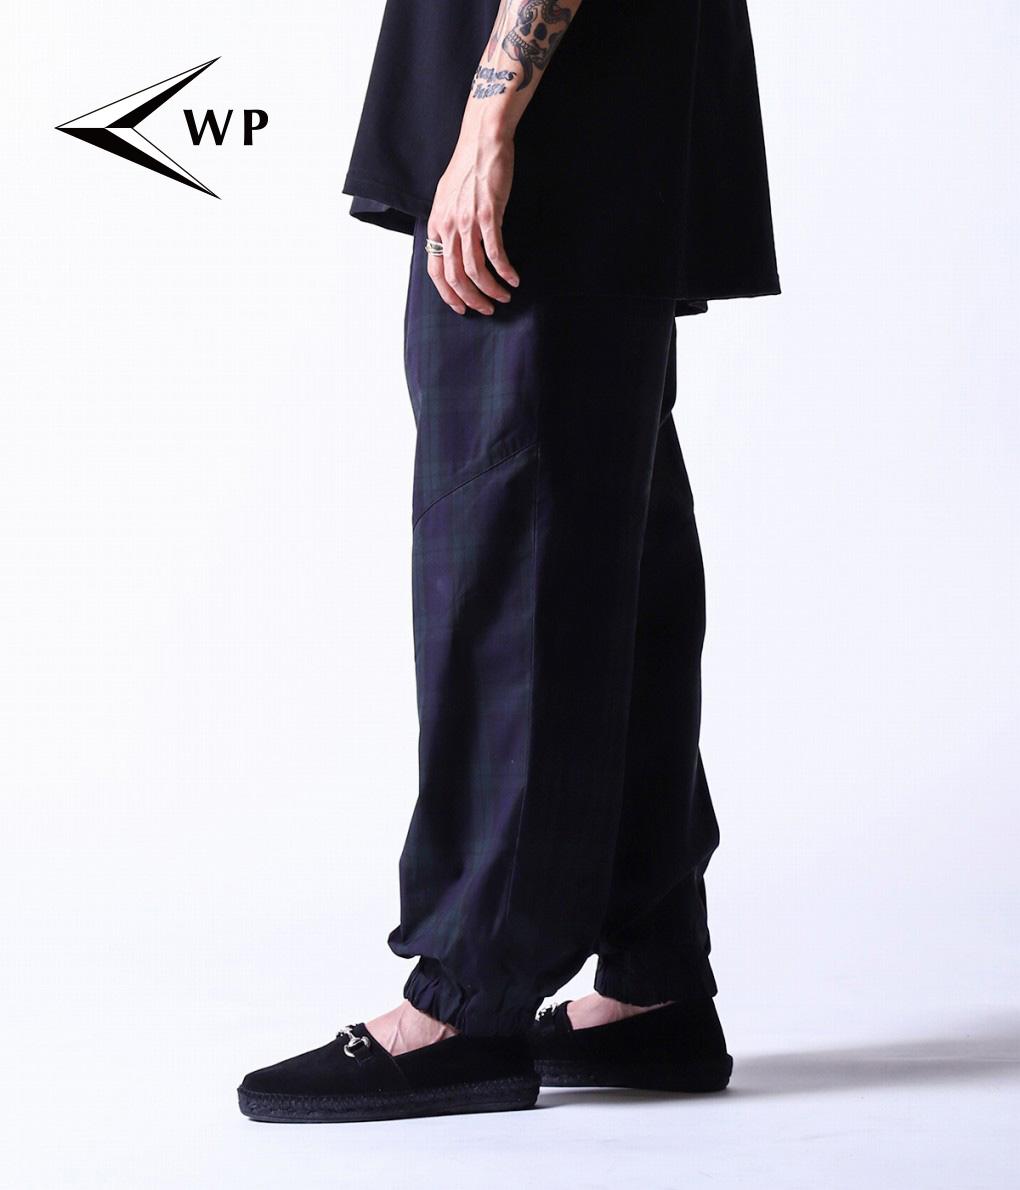 WP / ダブリューピー : TRACK CHECK PANTS : ウルフパック トラックチェックパンツ メンズ ボトムス : WP04-P006 【STD】【REA】